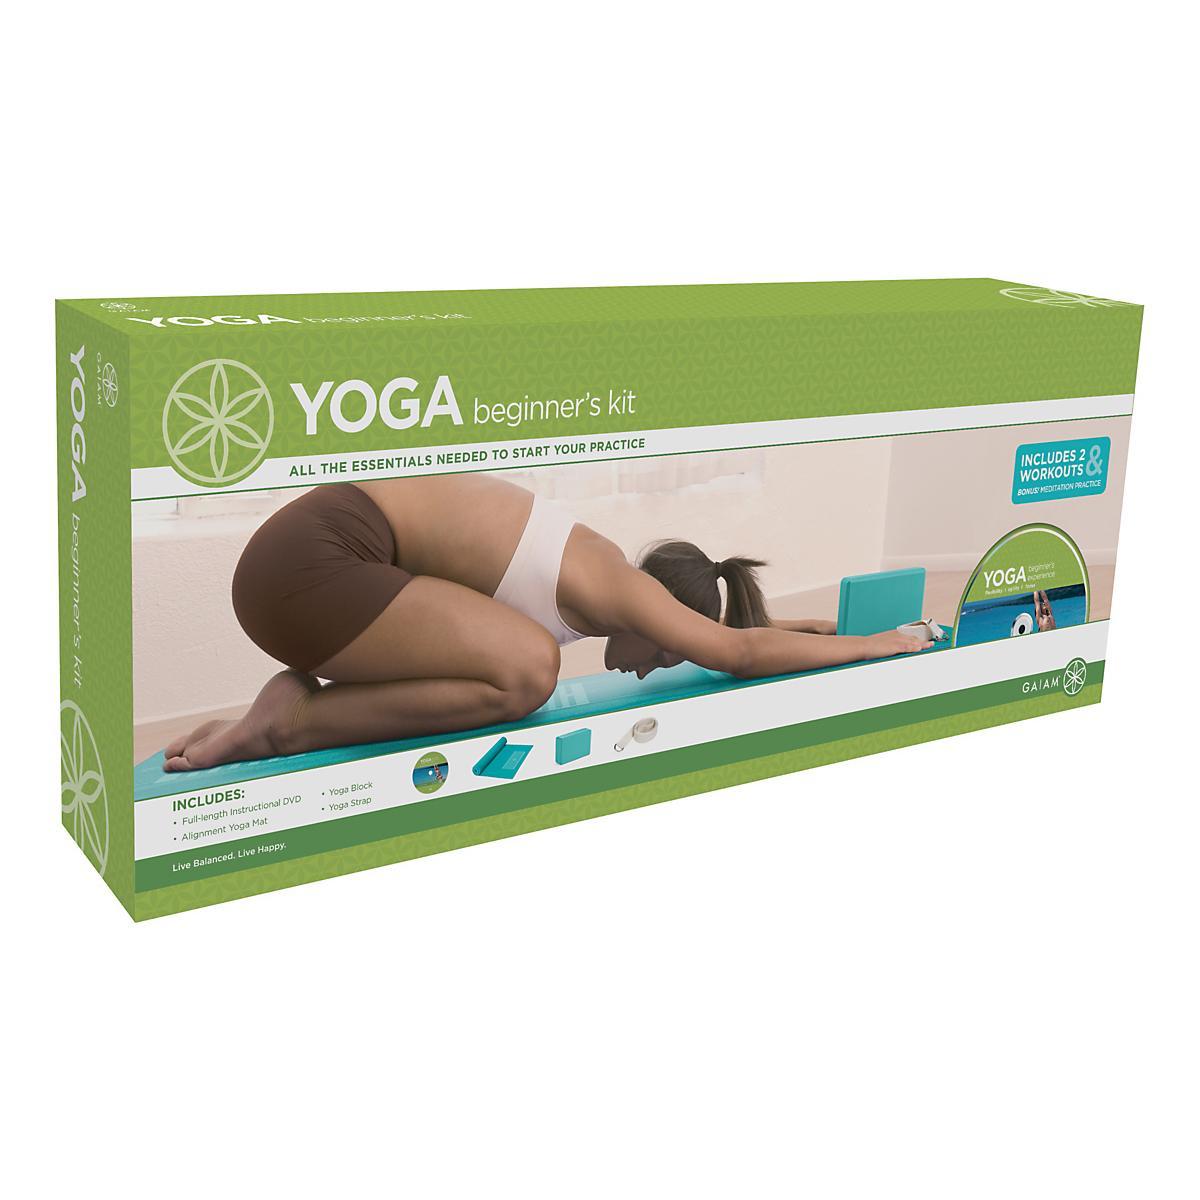 SPRI Yoga Beginners Kit Fitness Equipment At Road Runner